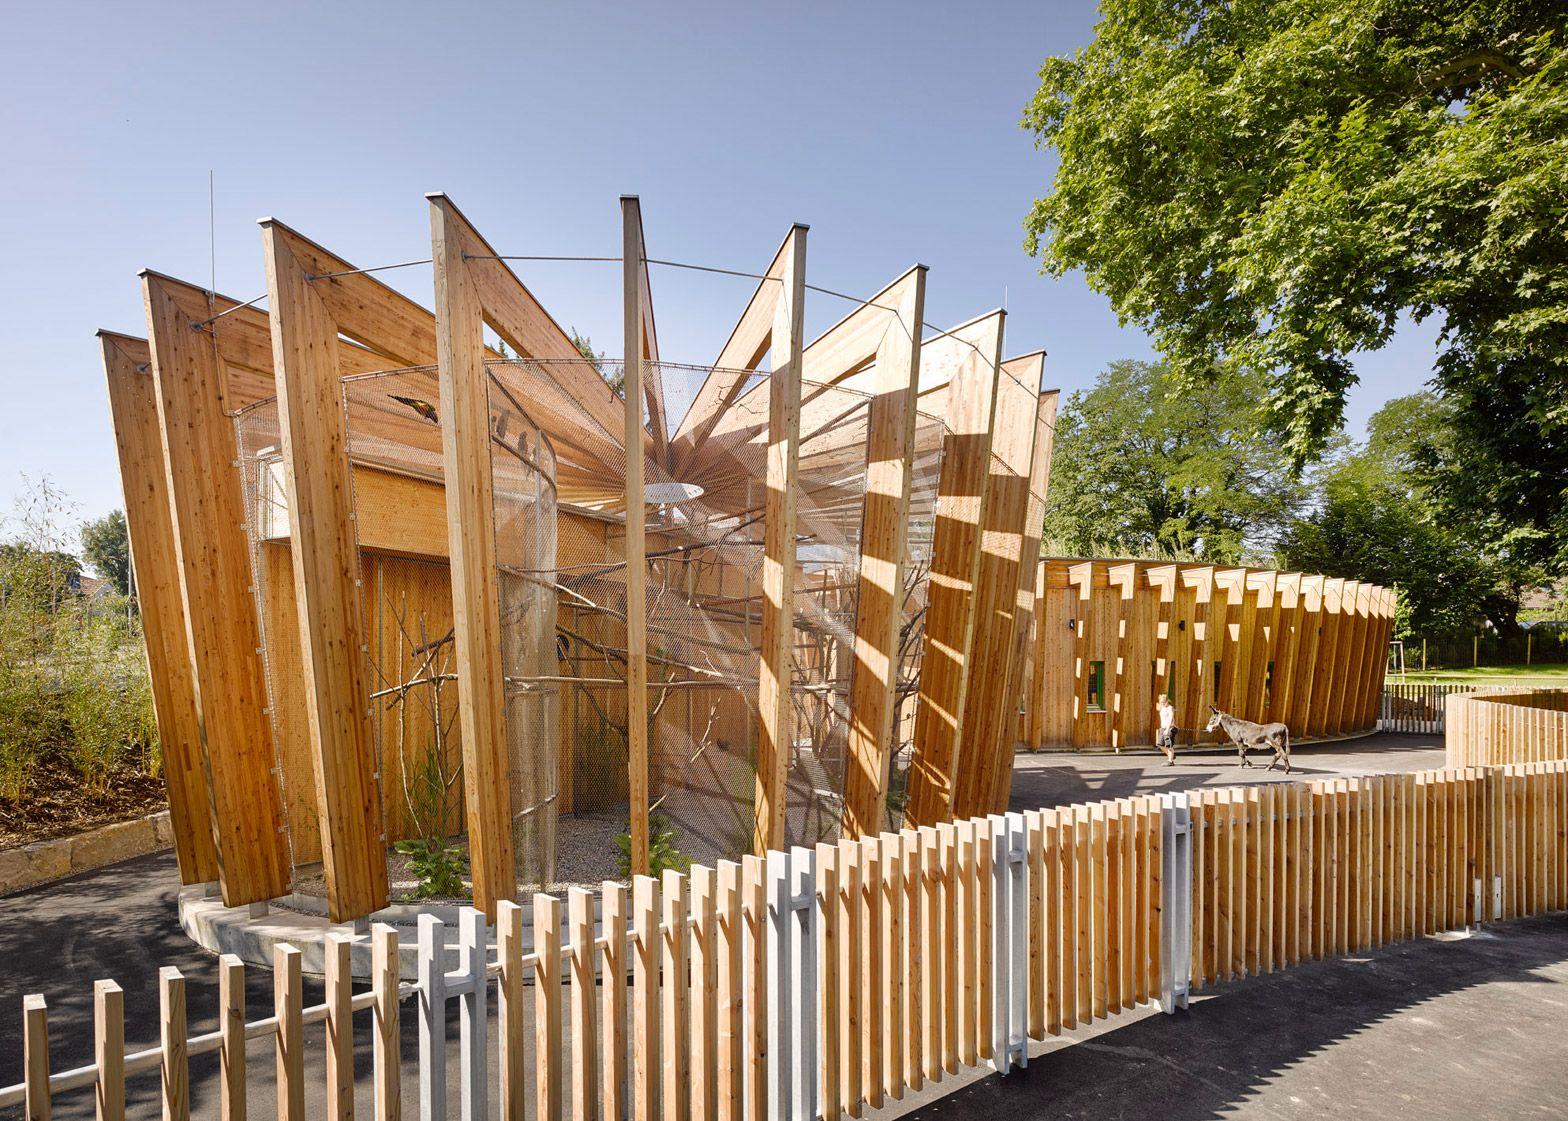 Kresings Architektur Adds Larch Animal Enclosures To Zoo Zoo Architecture Timber Architecture Zoo Animals